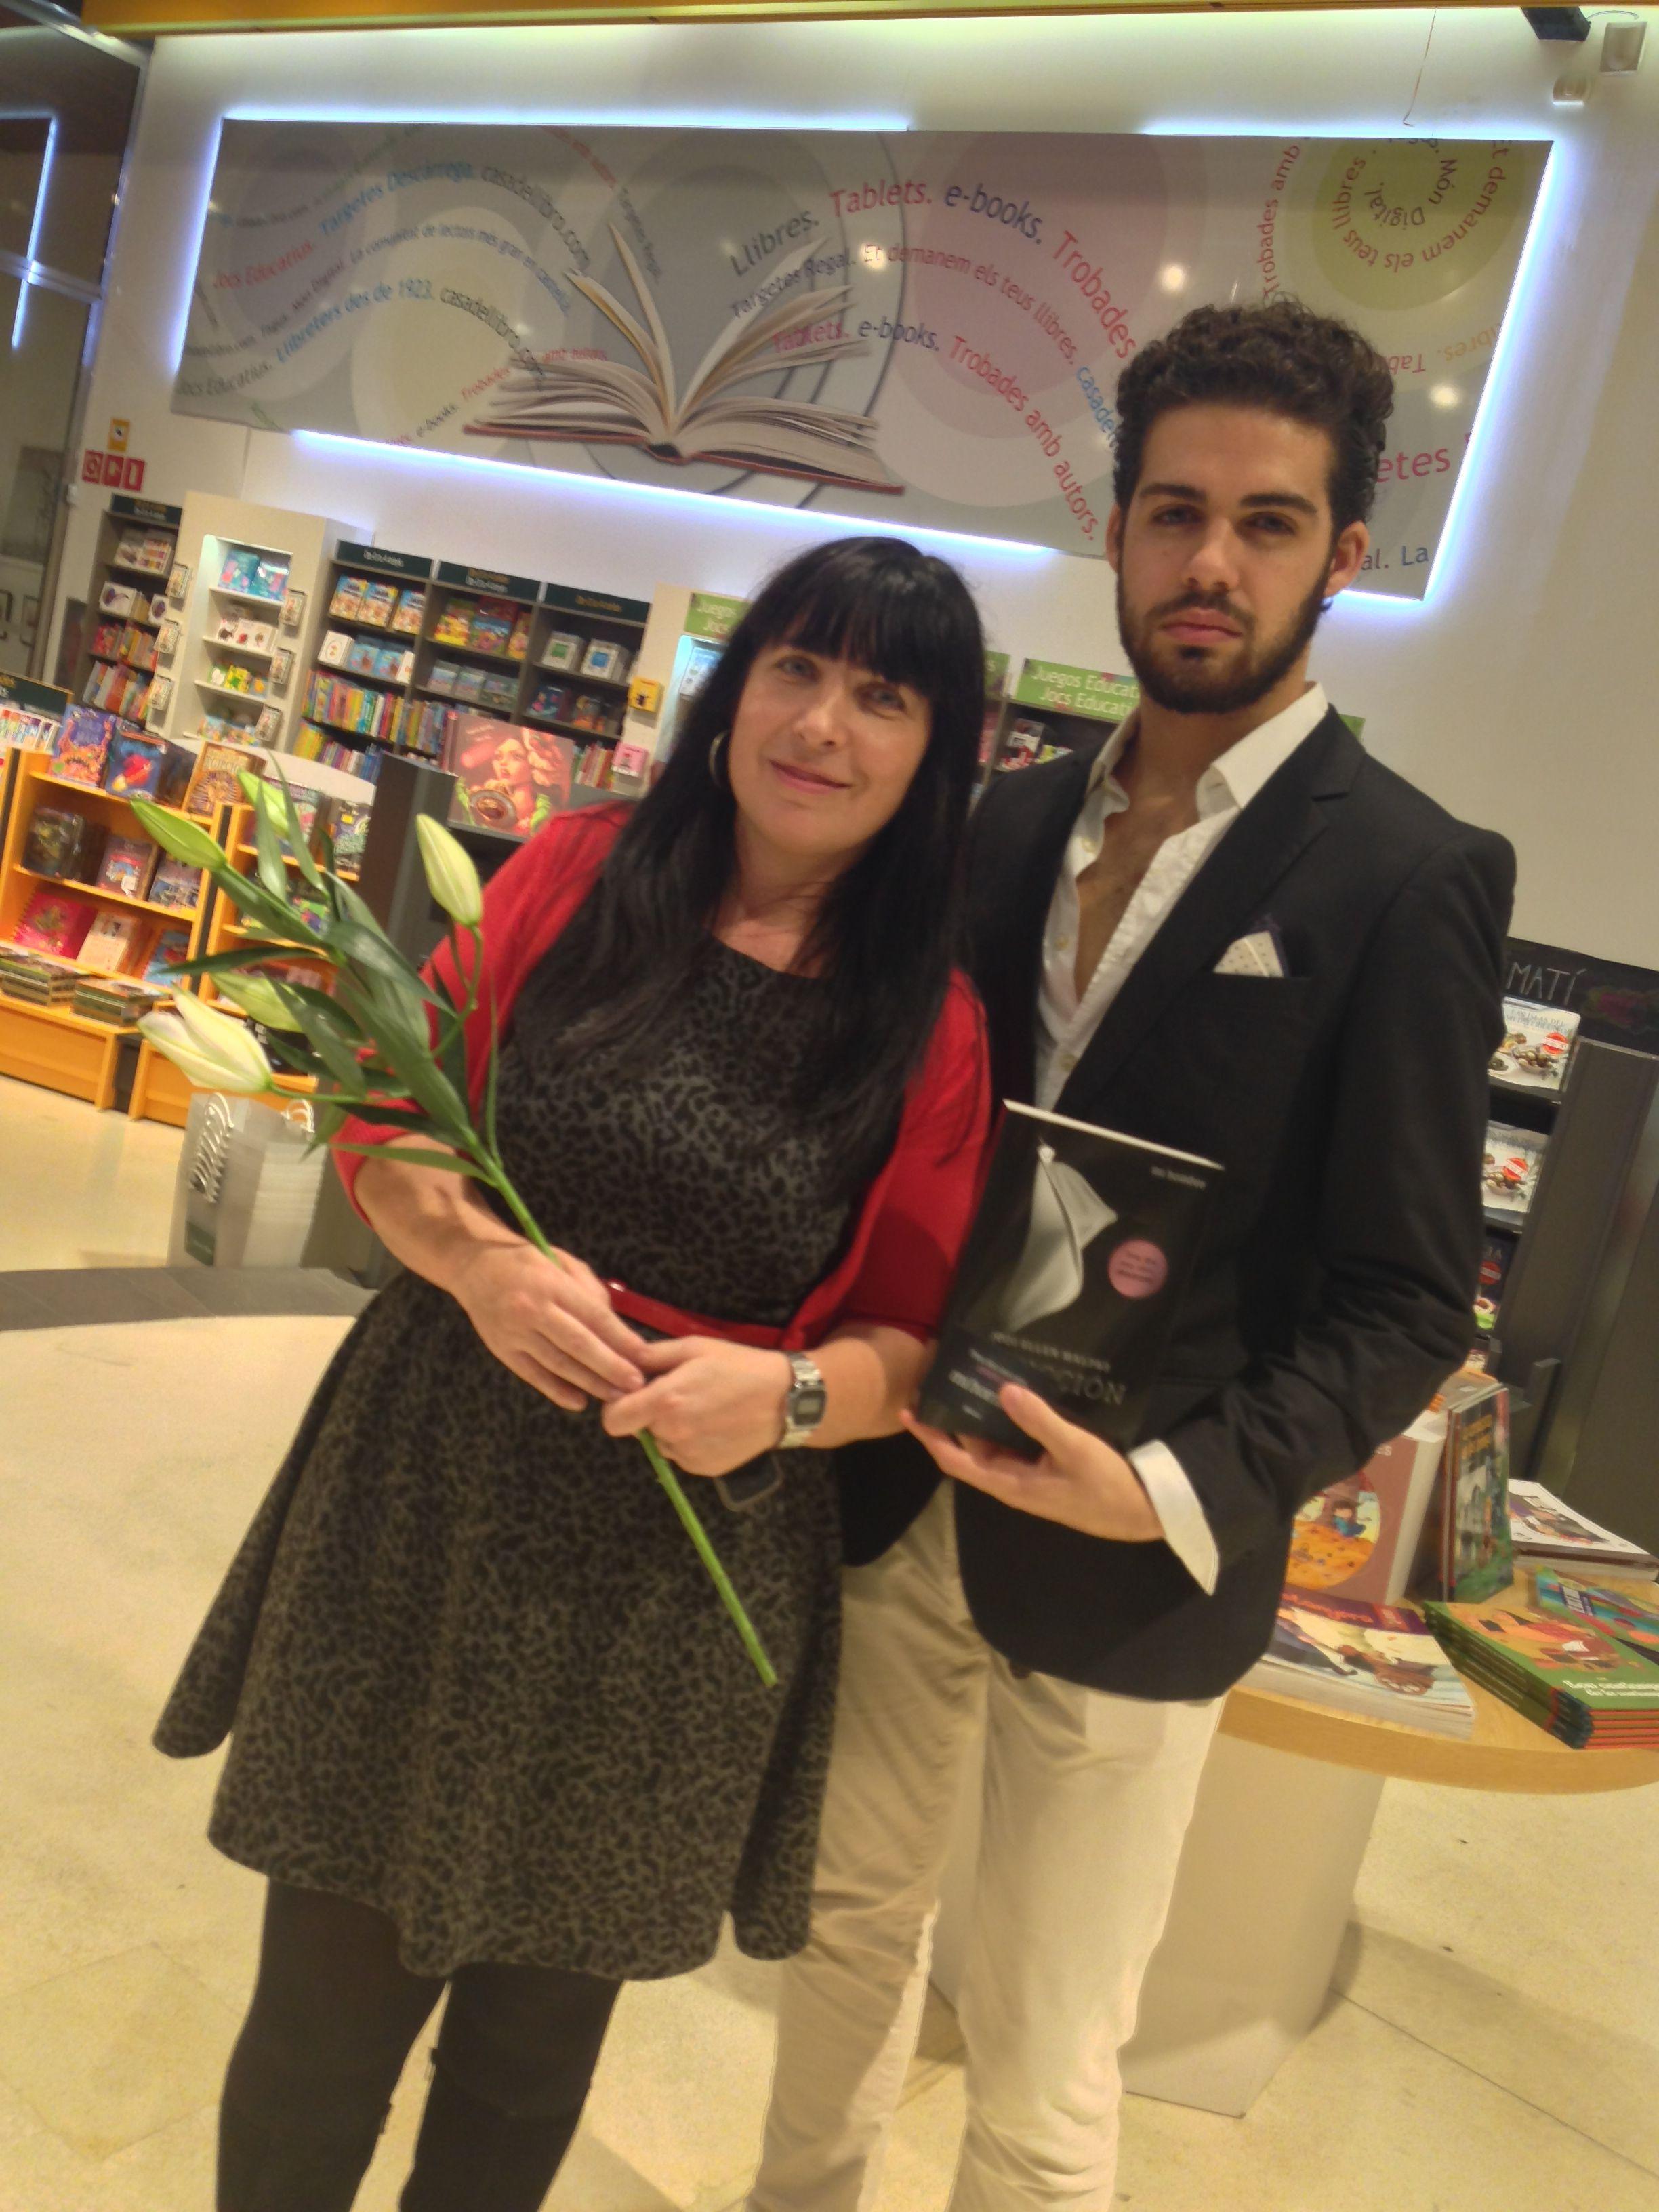 Mihombre utilizando armas de seducci n con las chicas de la casa del libro en rambla catalu a - Casa del libro barcelona passeig de gracia ...